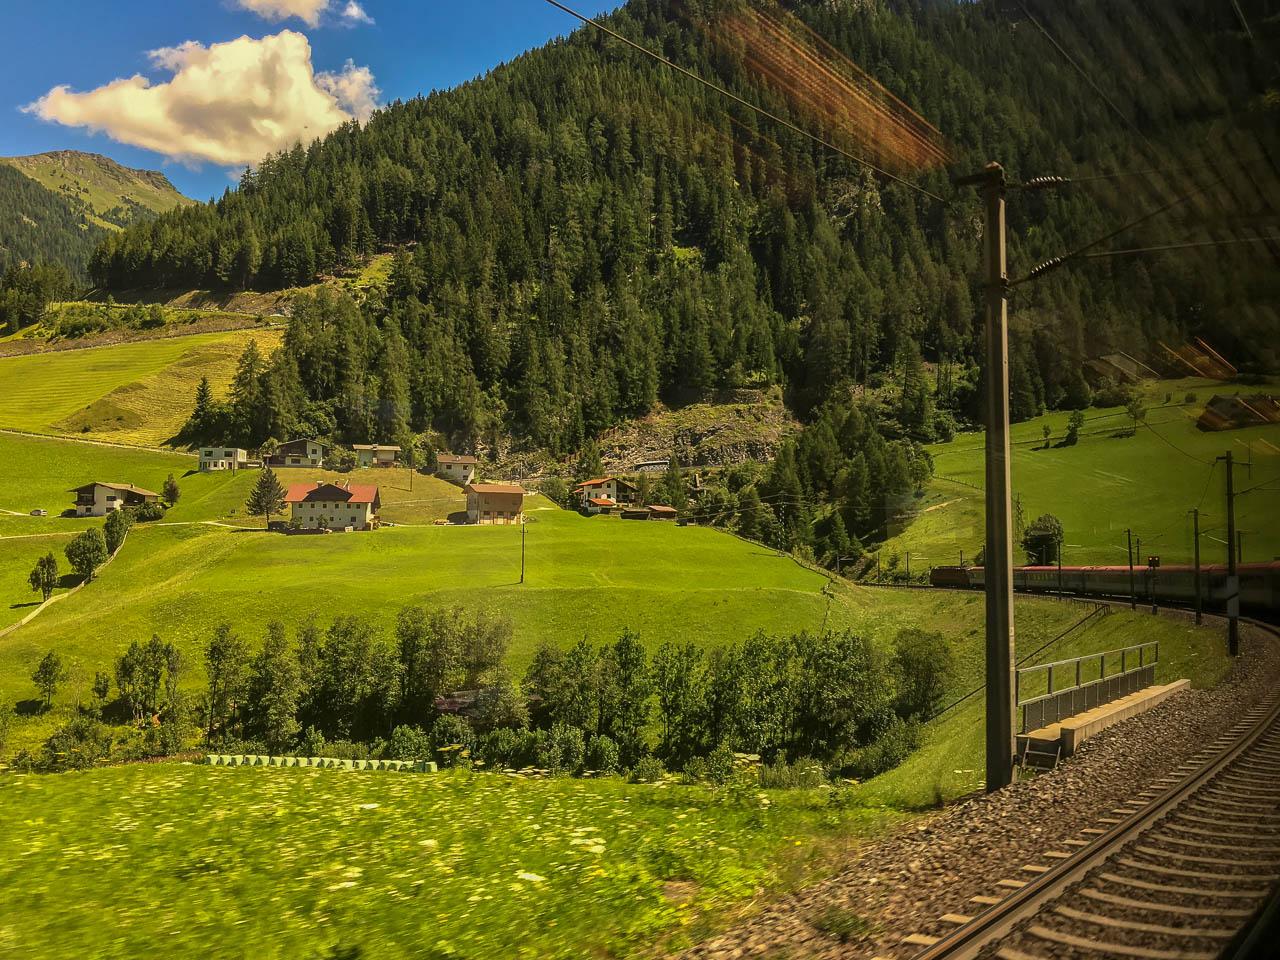 Zug Italien Landschaft